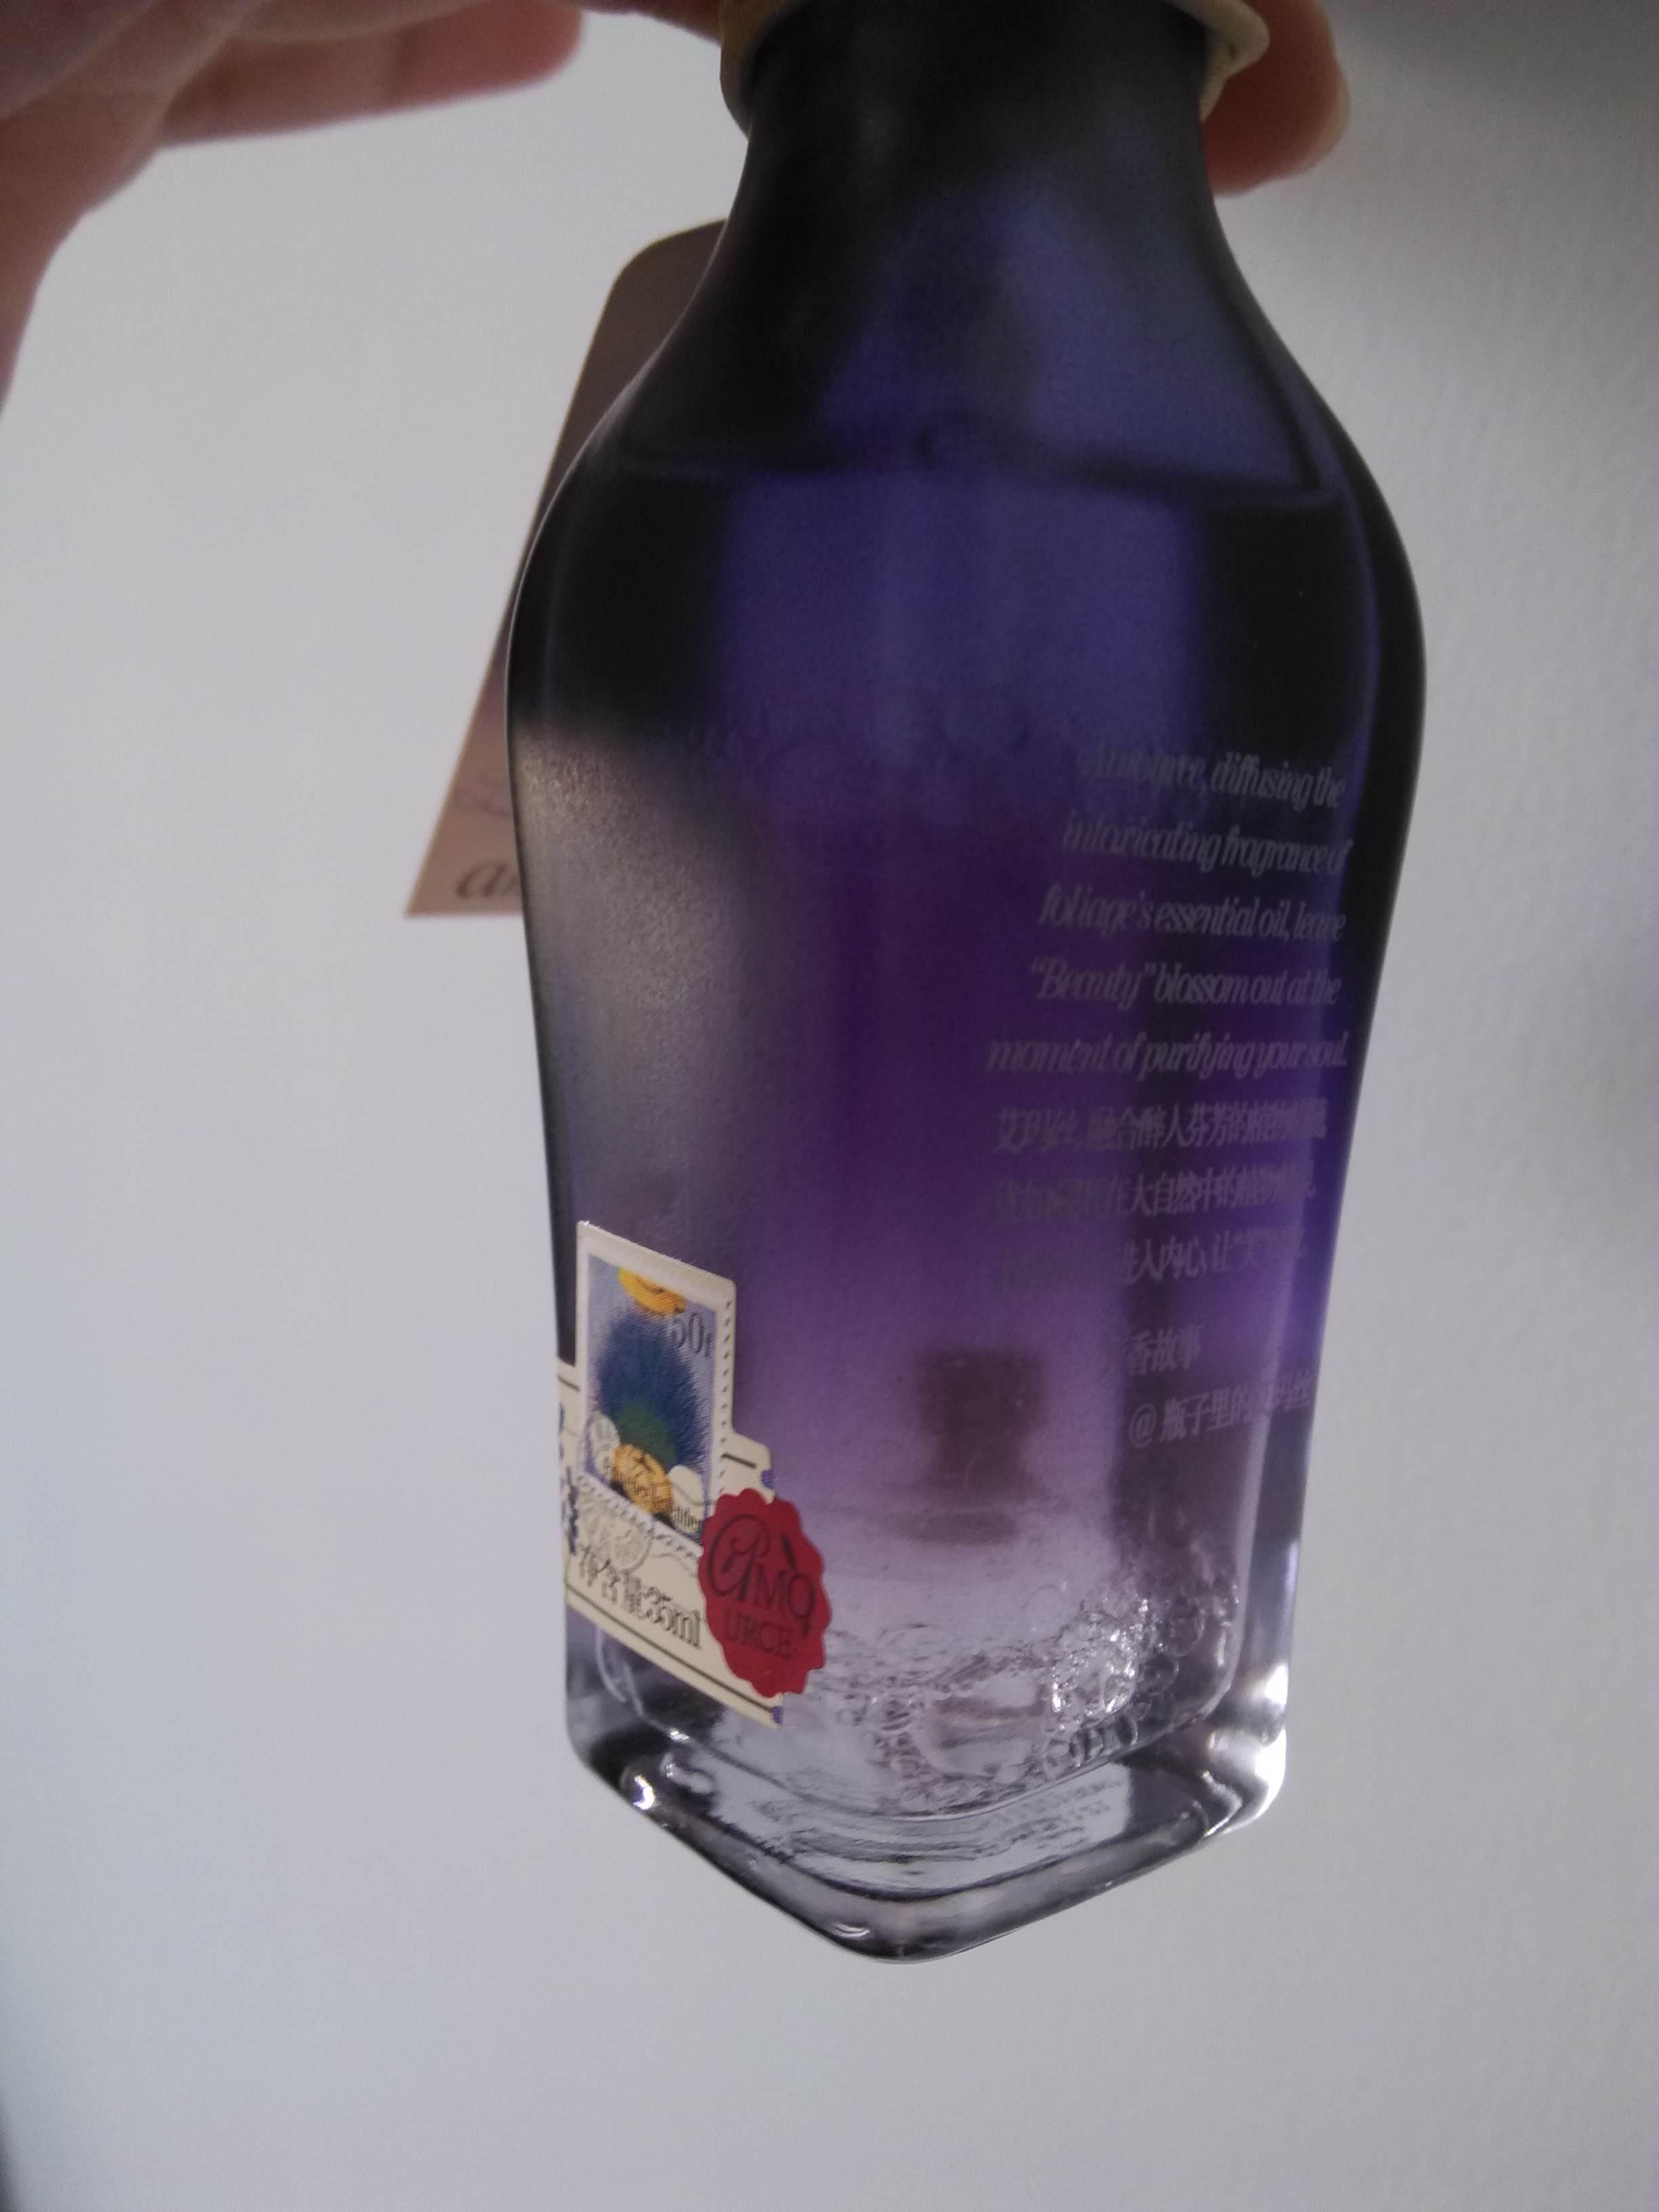 艾玛丝高地薰衣草三式精华液